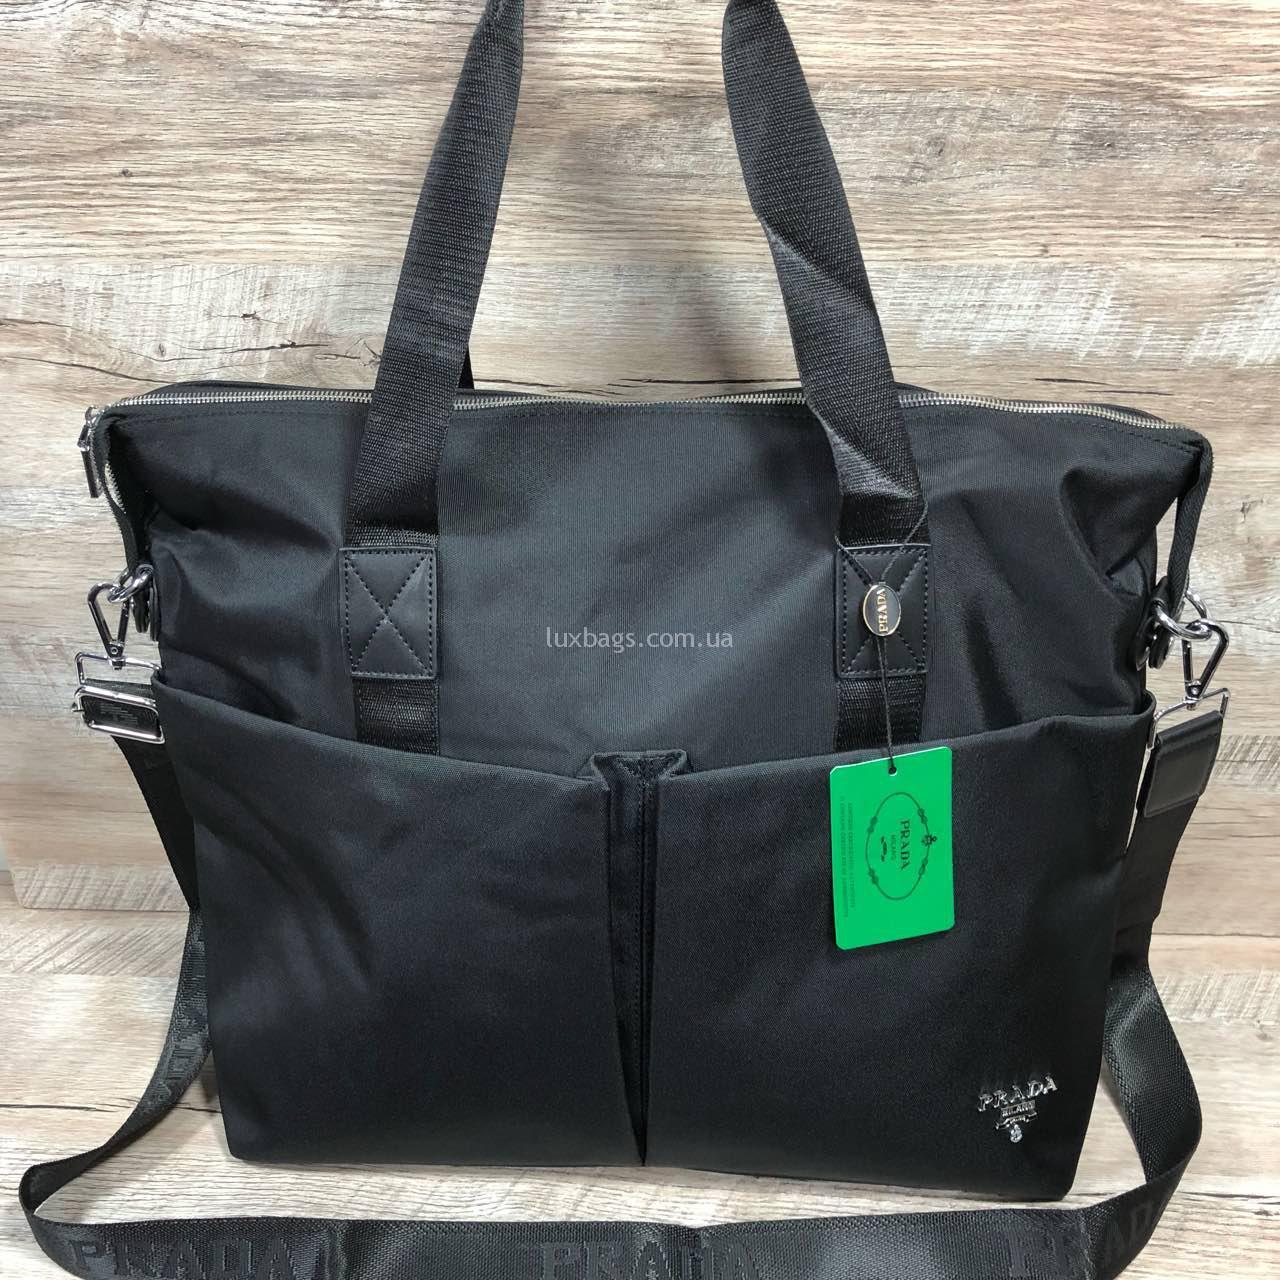 d2789e66bcd6 Большая сумка Prada Прада Купить на lux-bags